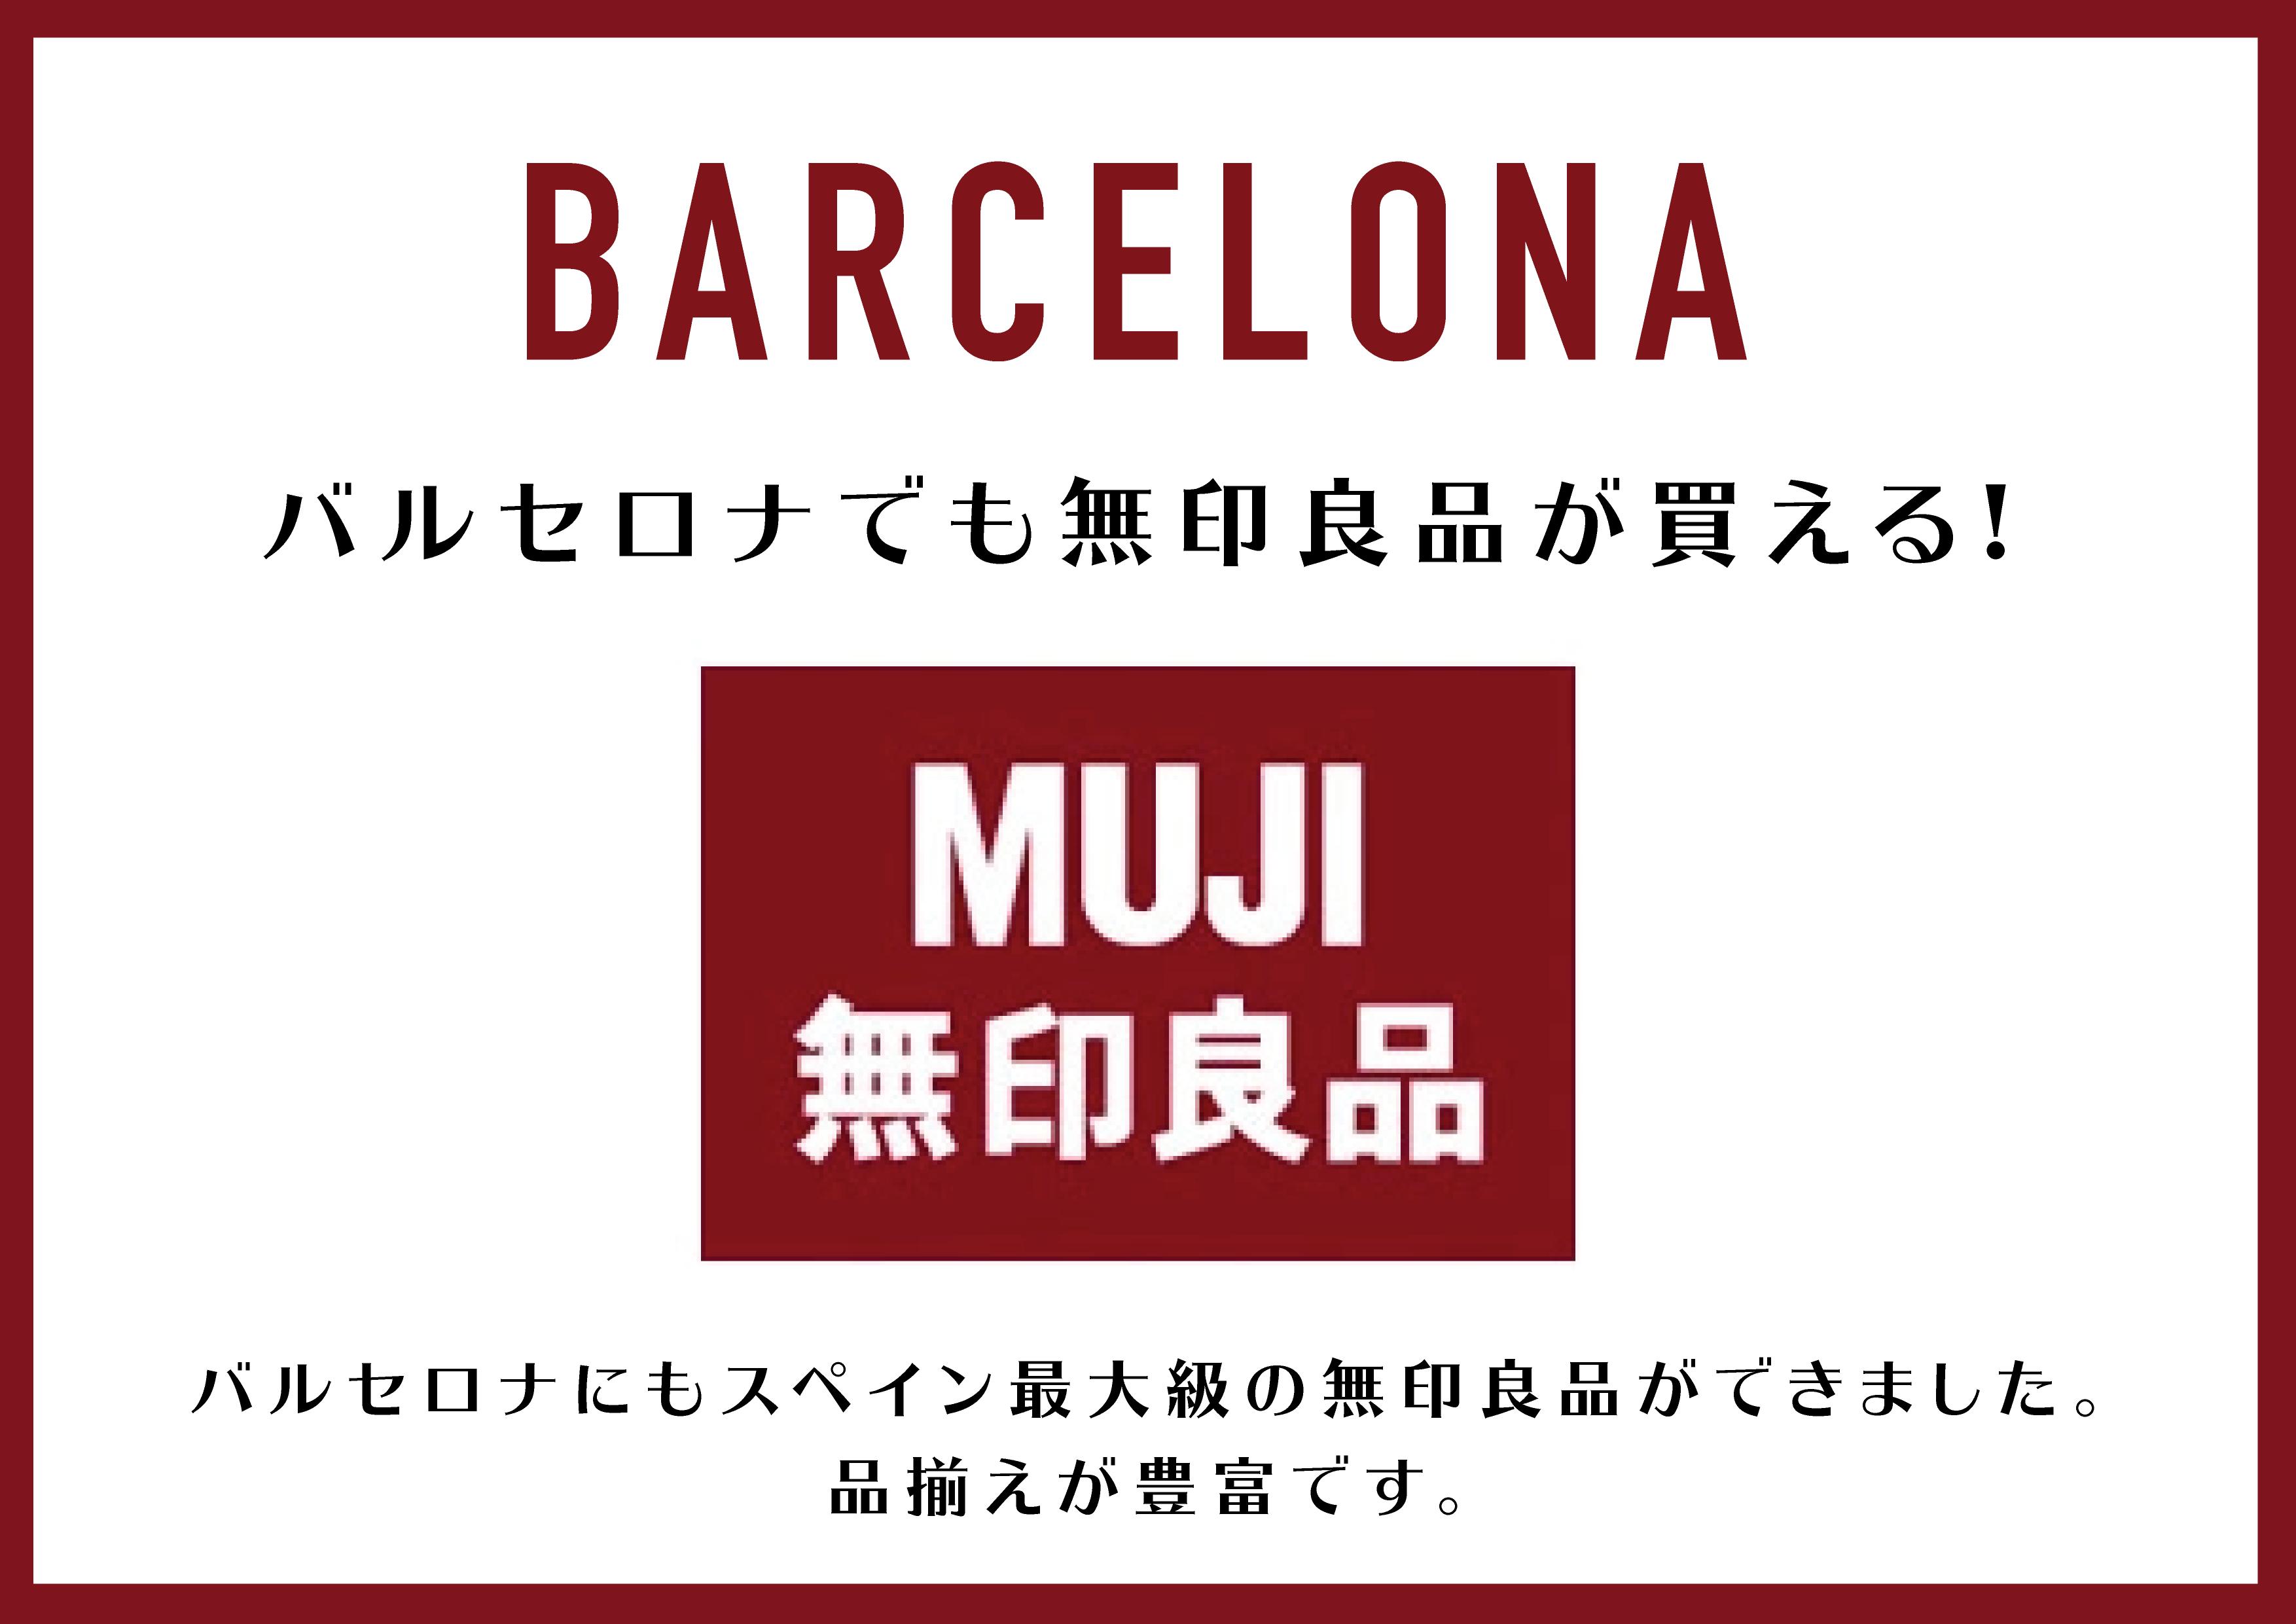 barcelonaMuji02 01